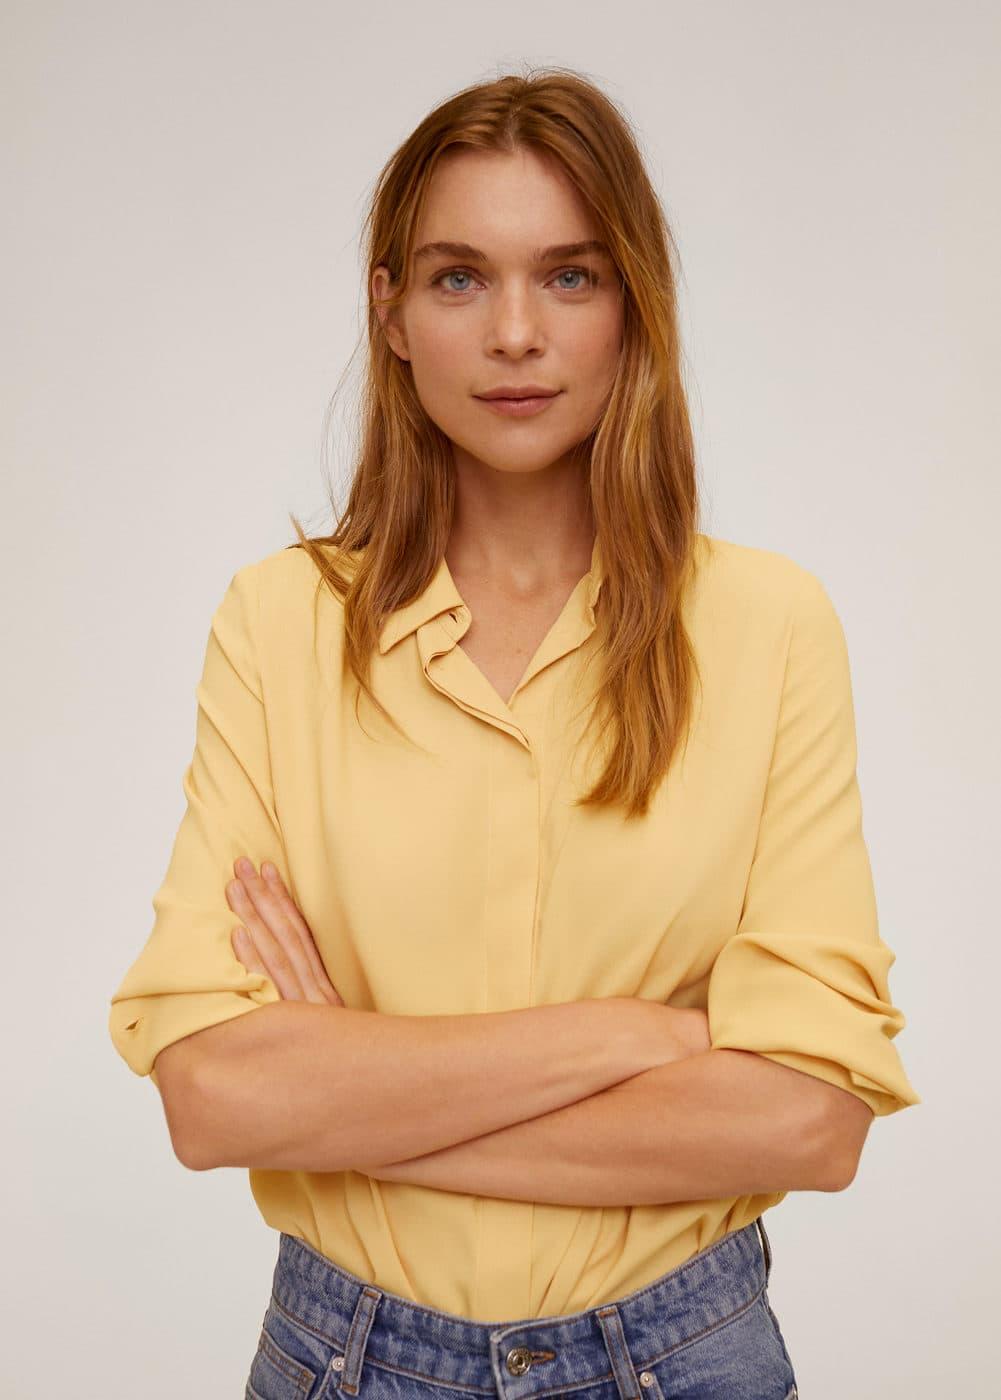 Струящаяся рубашка -  Женская | Mango МАНГО Россия (Российская Федерация)